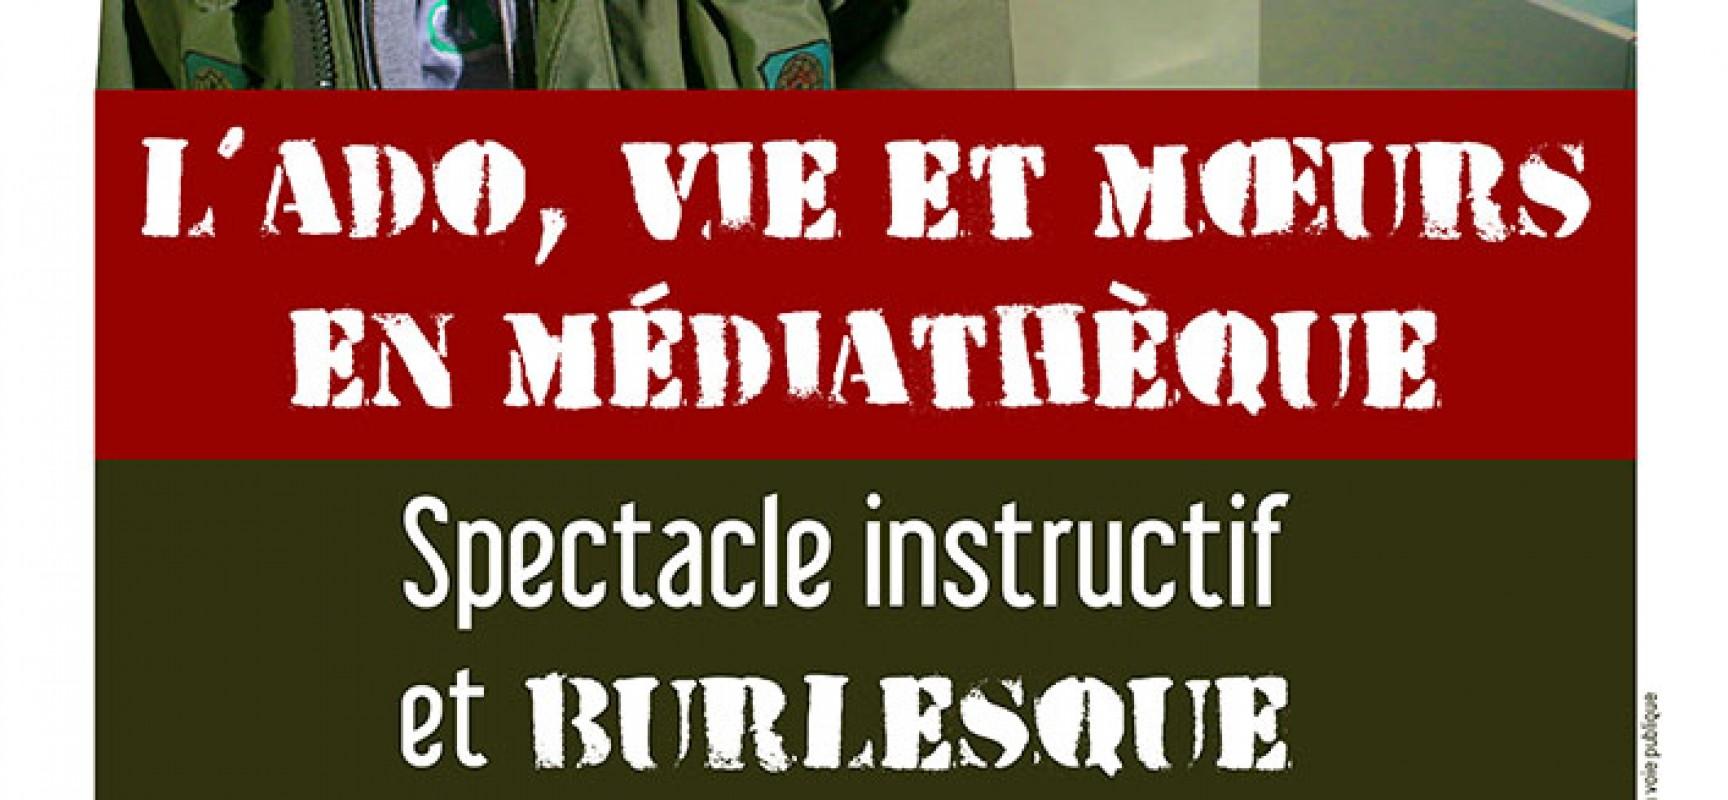 SPECTACLE > L'ado, vie et moeurs en médiathèque